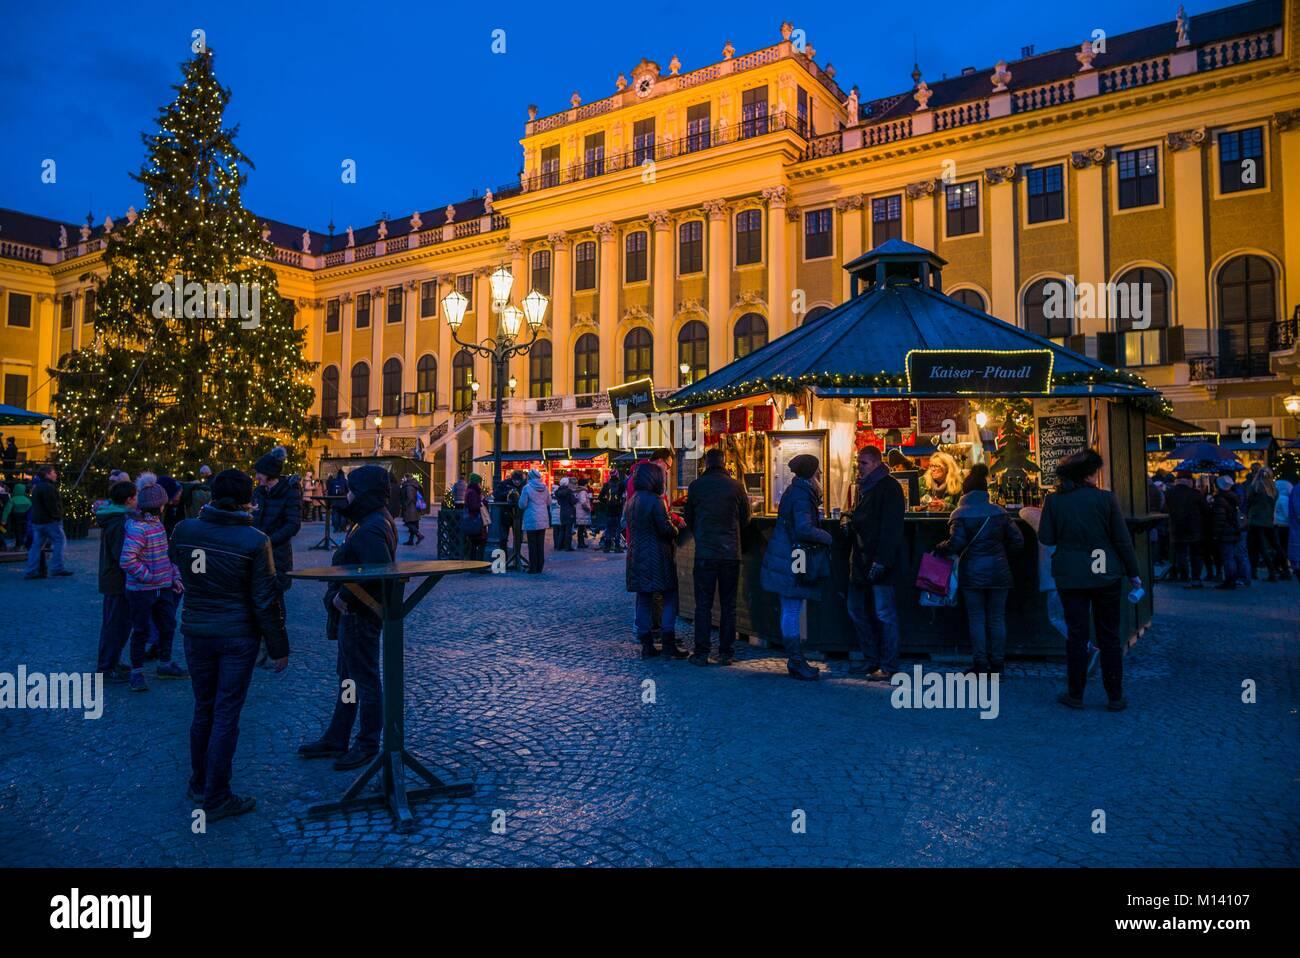 Österreich, Wien, Schönbrunn, Weihnachtsmarkt, Abend Stockbild